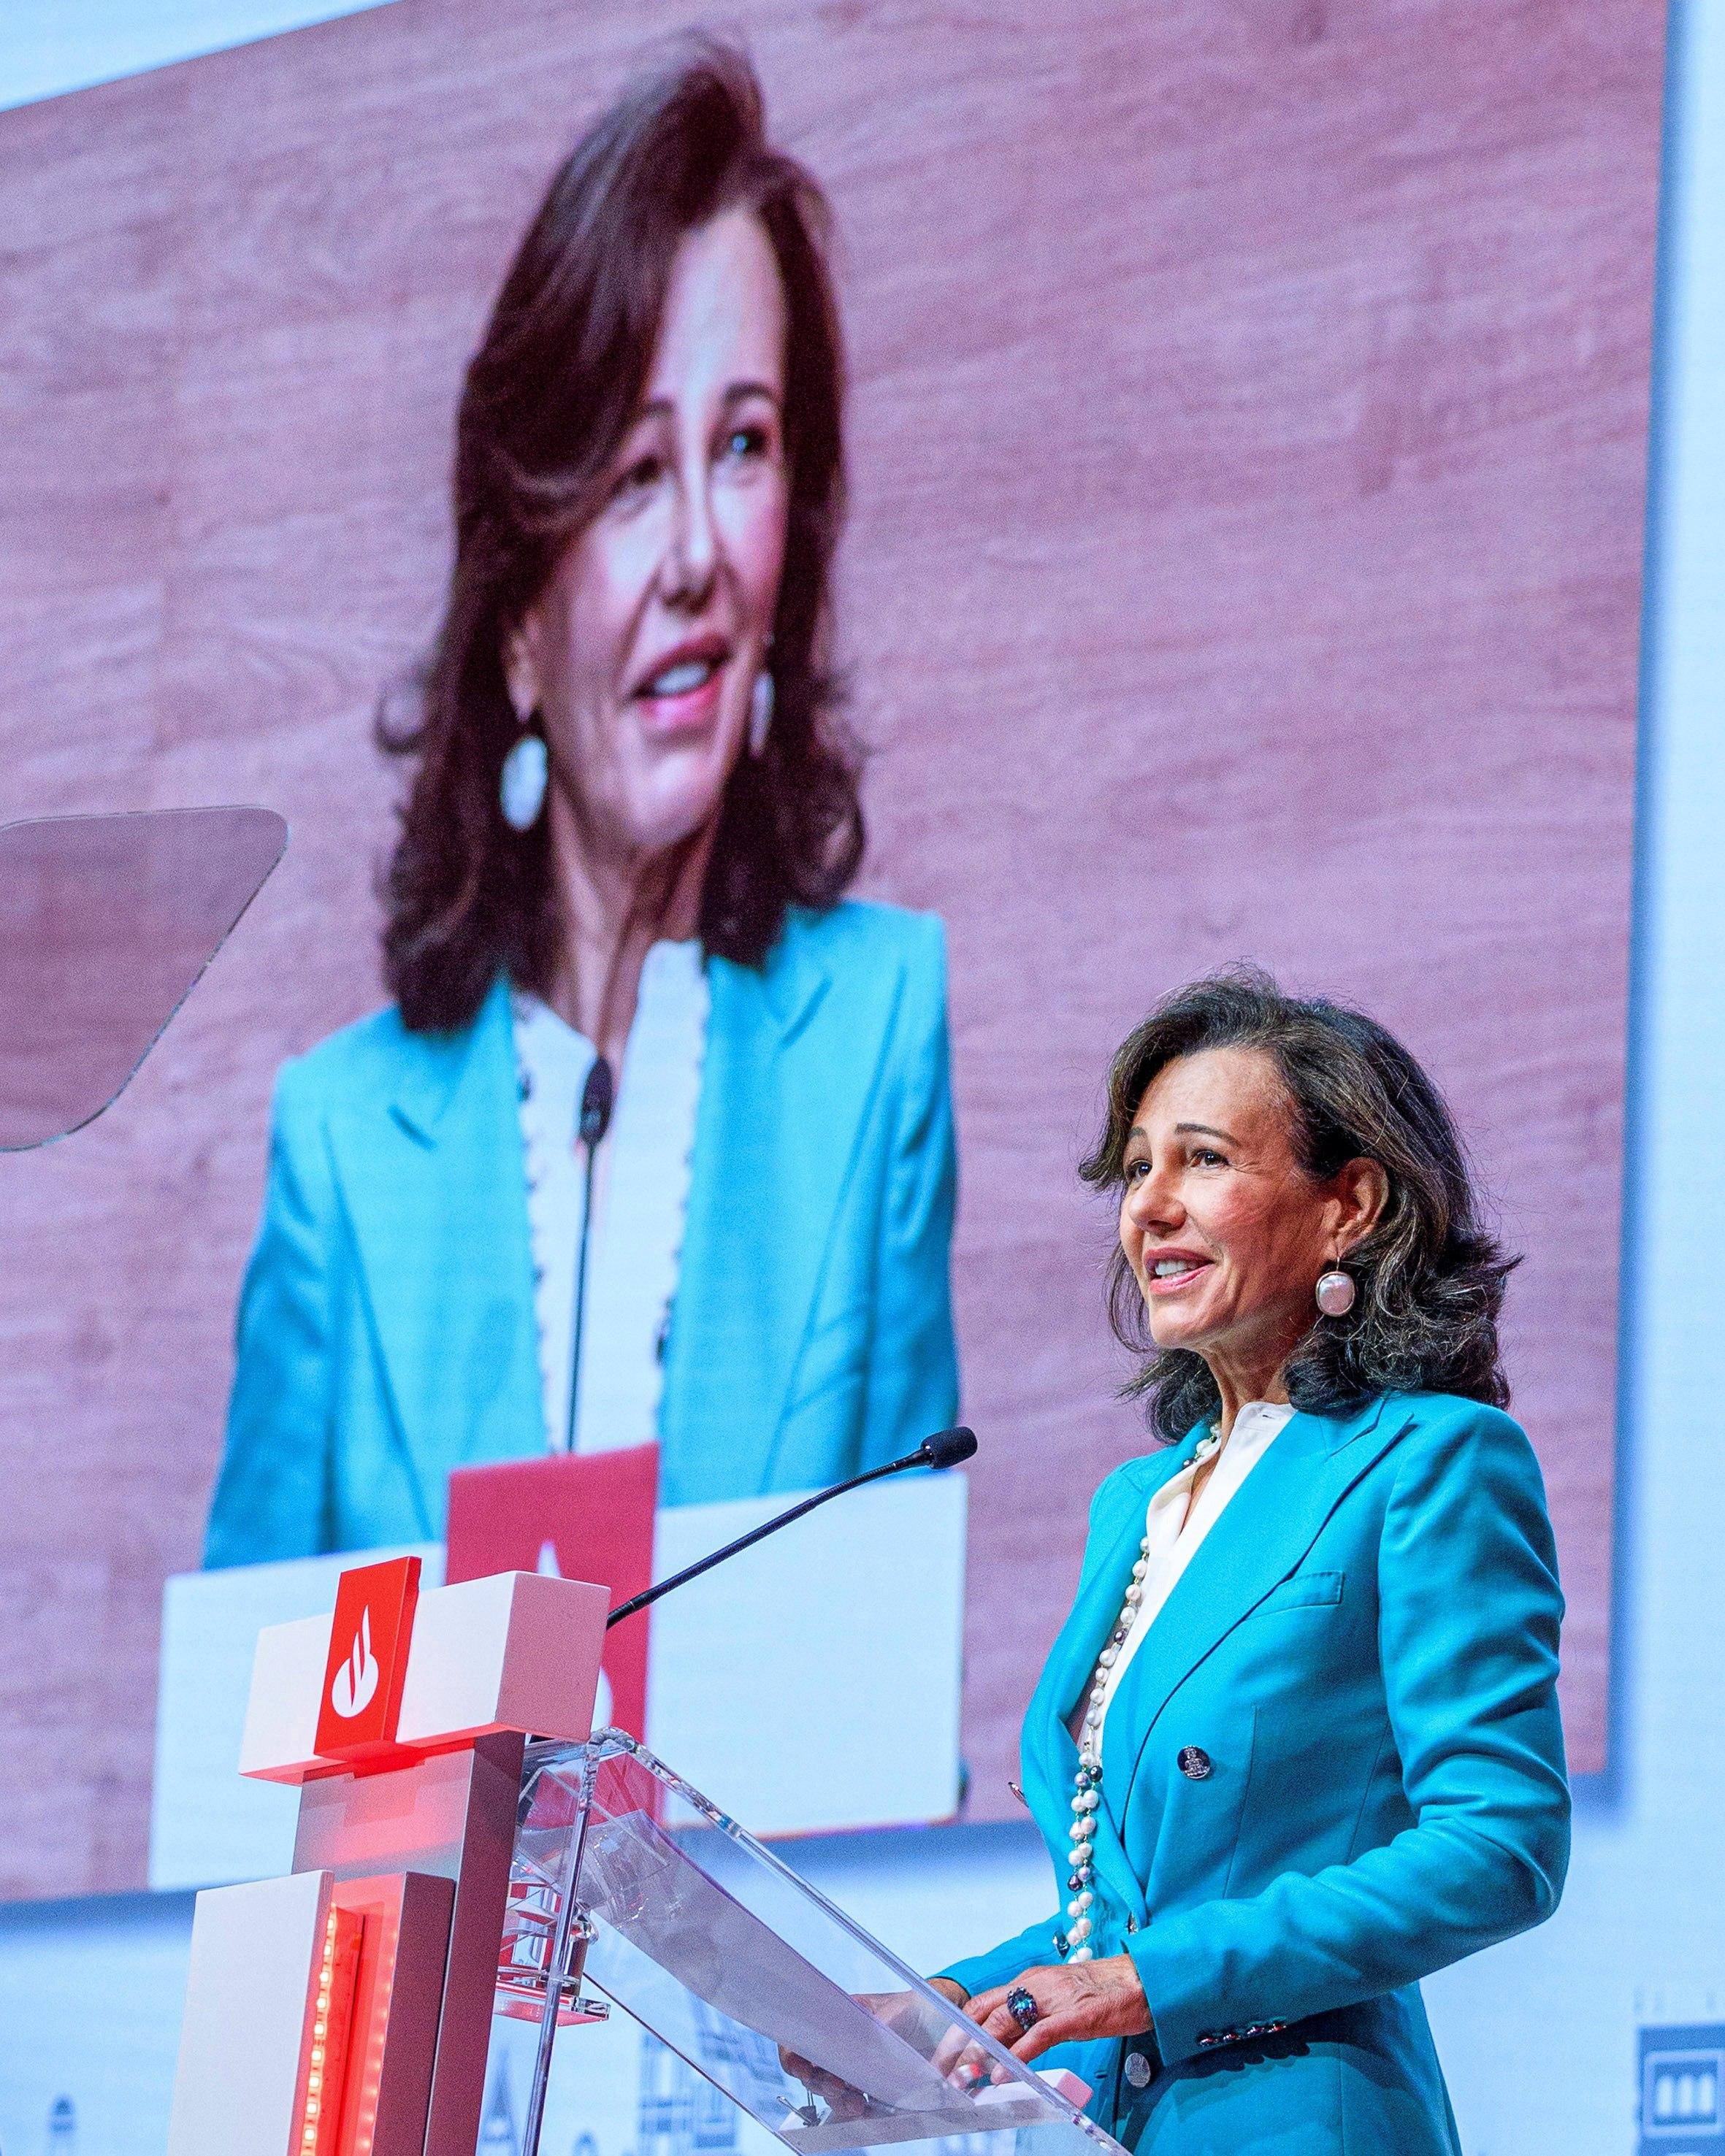 La presidenta de Banco Santander, Ana Patricia Botín, durante su intervención en la Junta Extraordinaria celebrada en Santander, Cantabria. Foto de EFE/ Banco Santander .